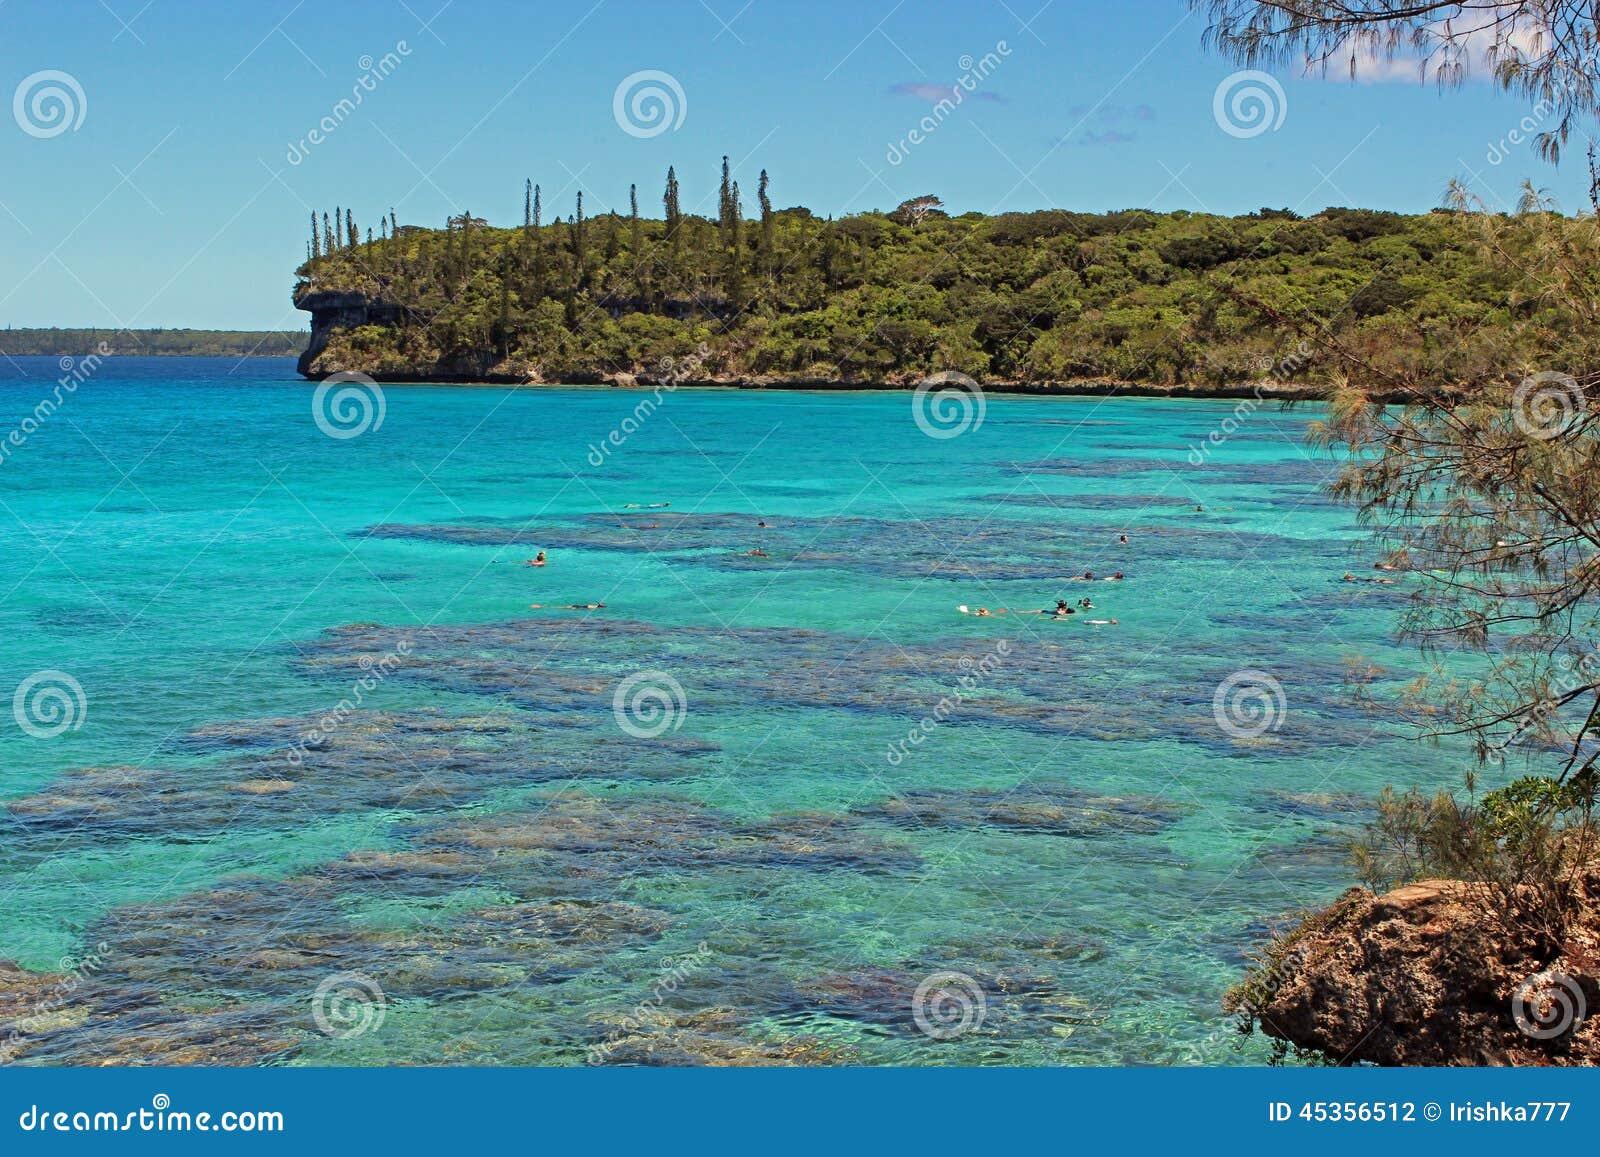 Mergulhando o lagune na ilha de Lifou, Nova Caledônia, South Pacific